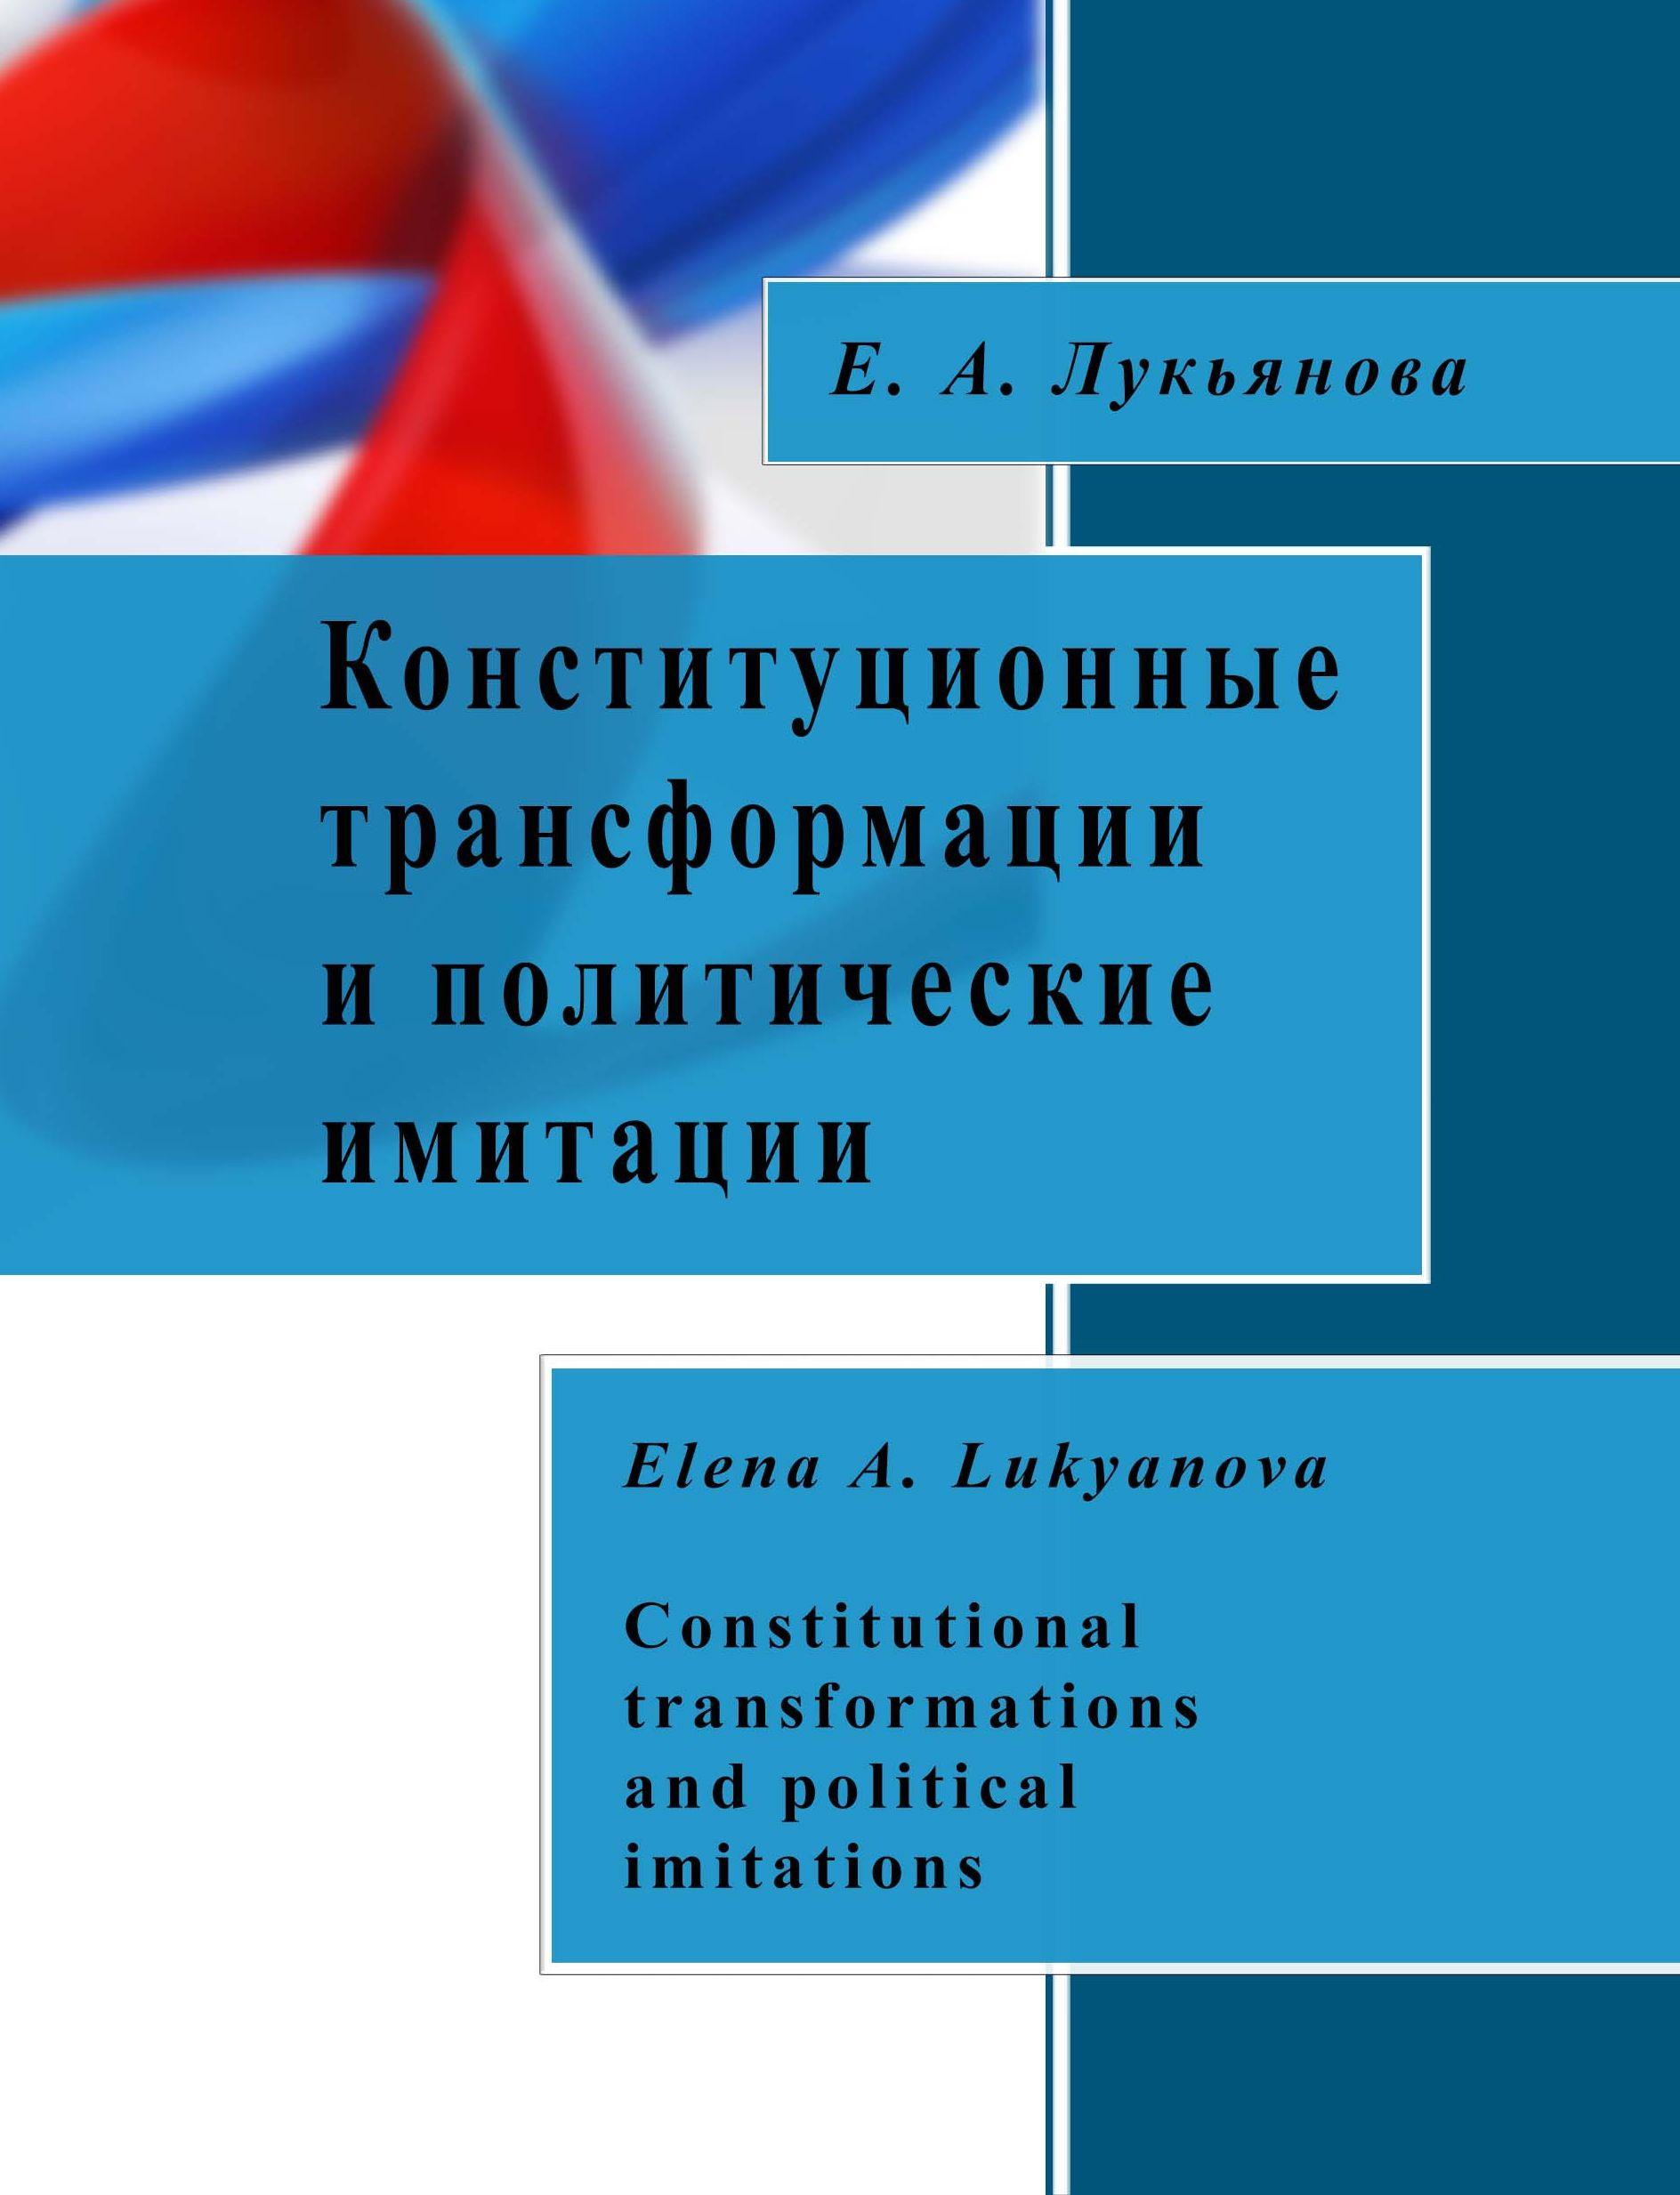 Конституционные трансформации и политические имитации